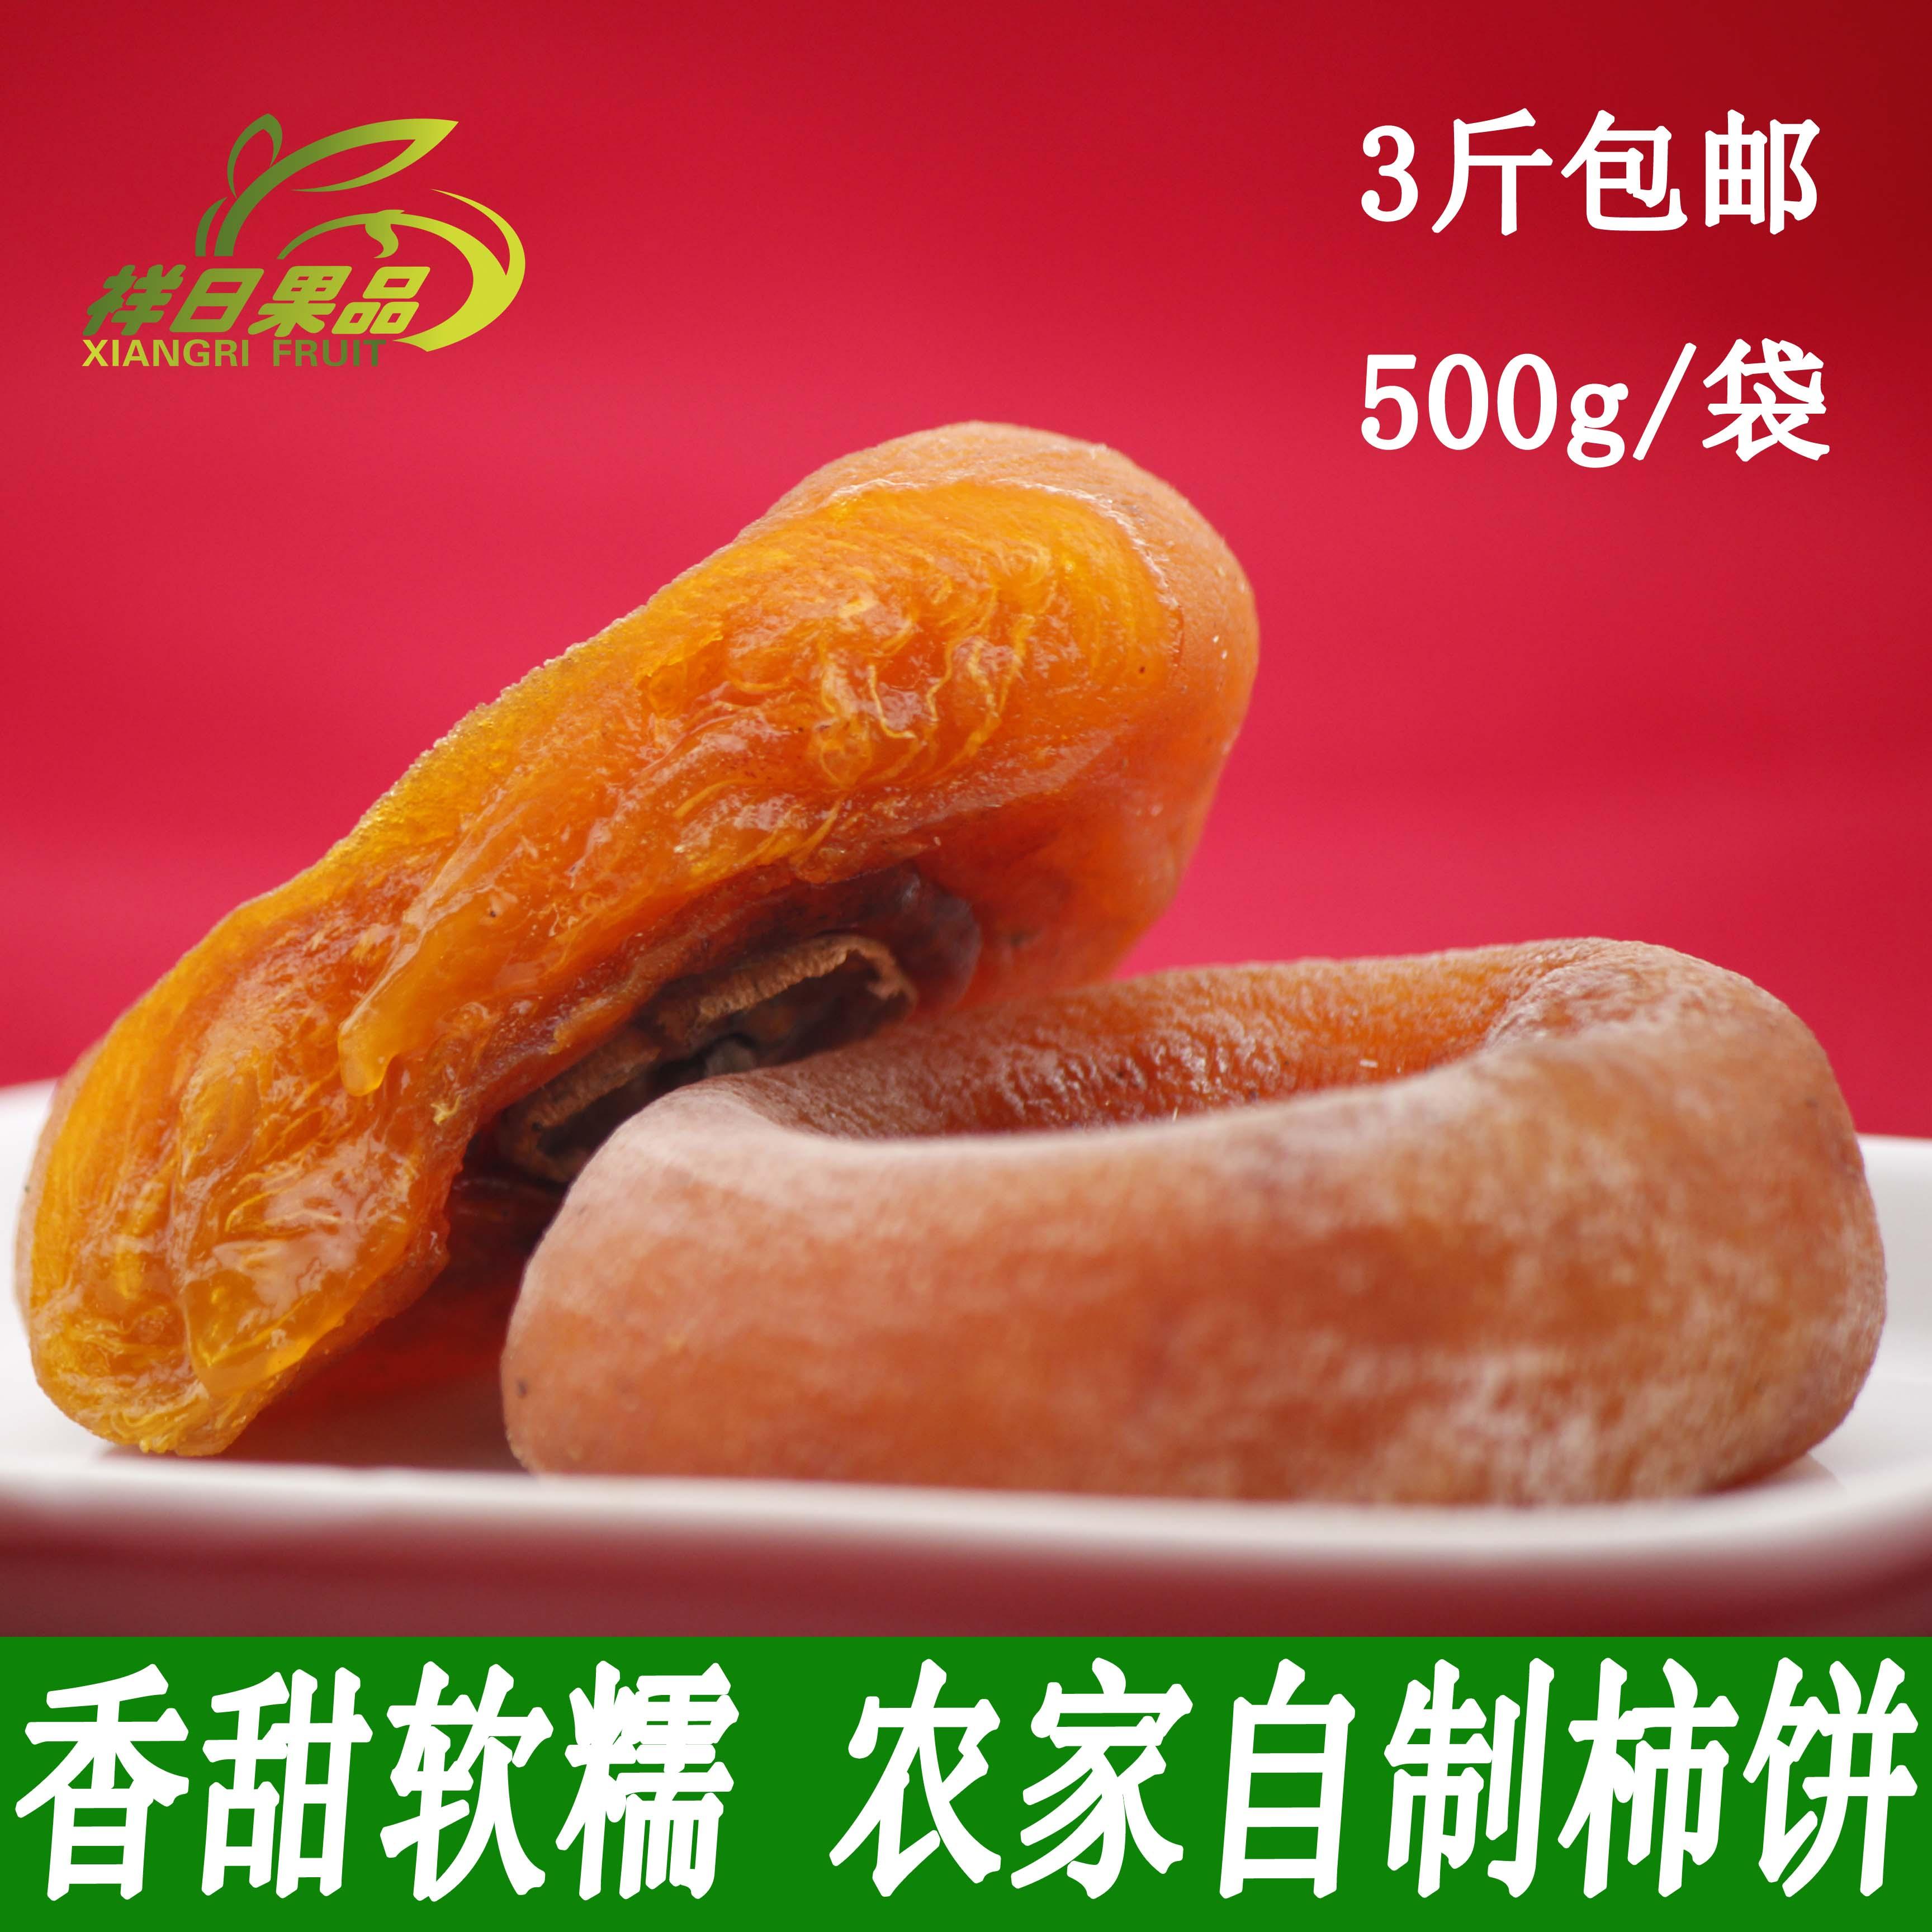 广西特产自然降霜柿饼农家自制休闲零食柿饼特产 3斤包邮祥日果品